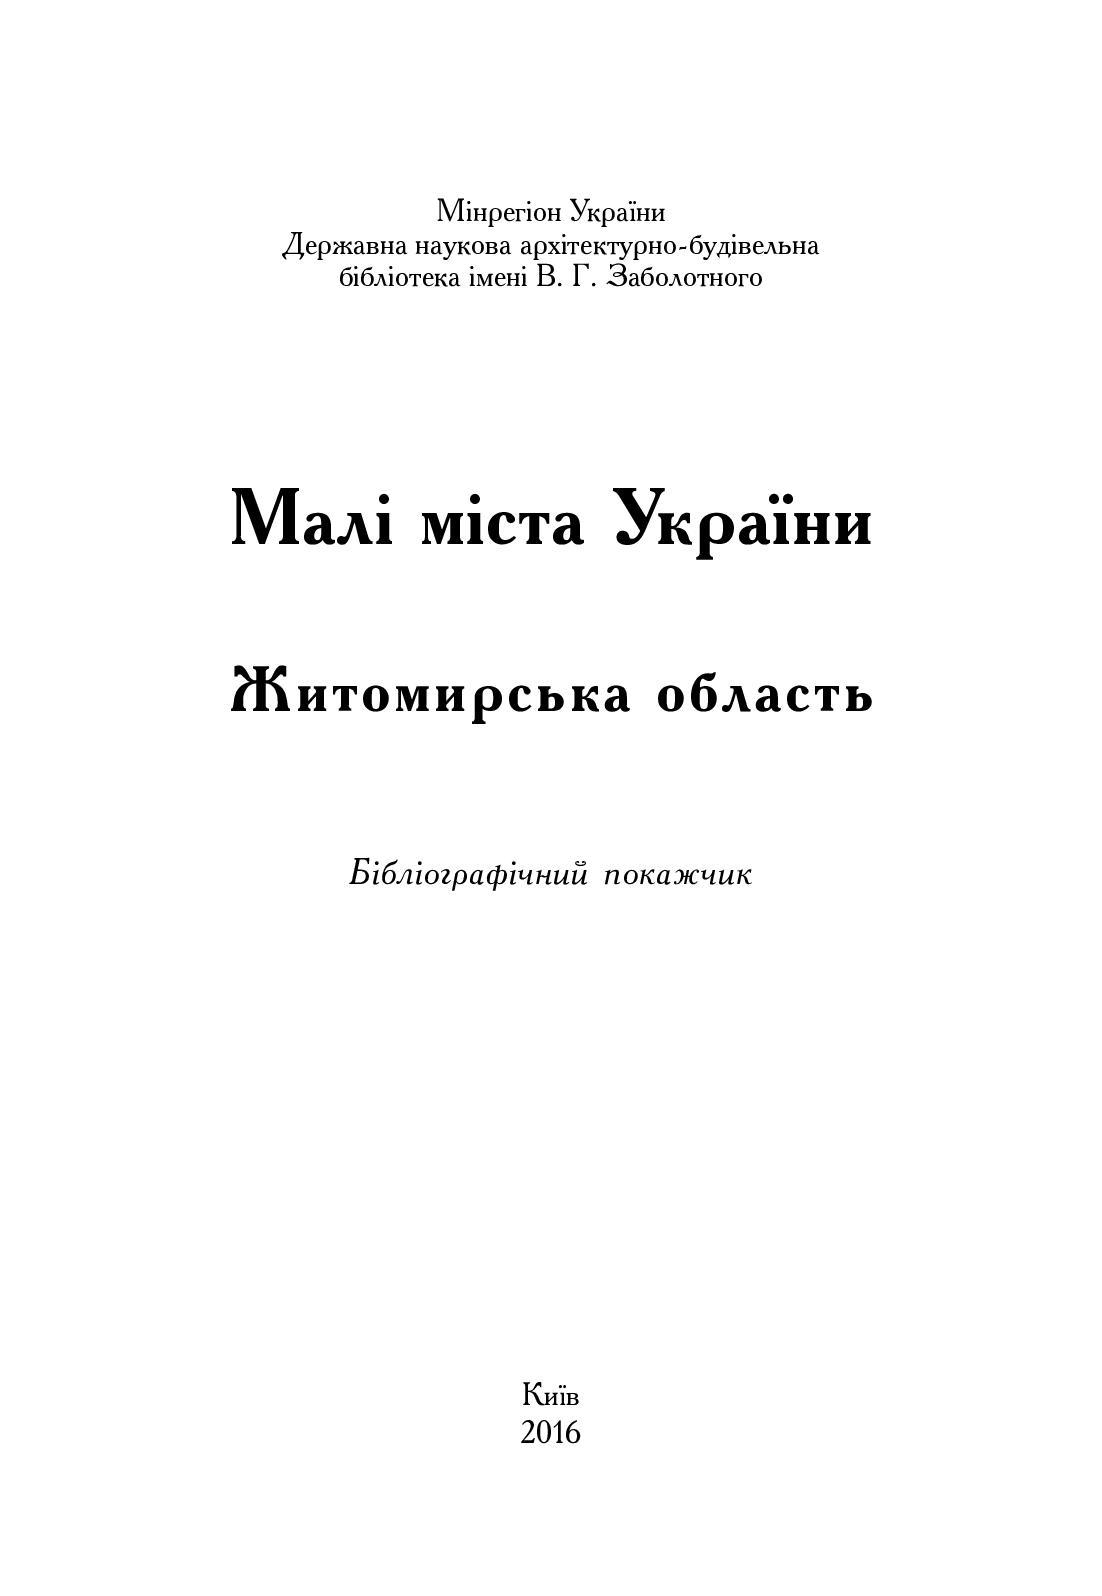 Житомирська область 30 01 2017